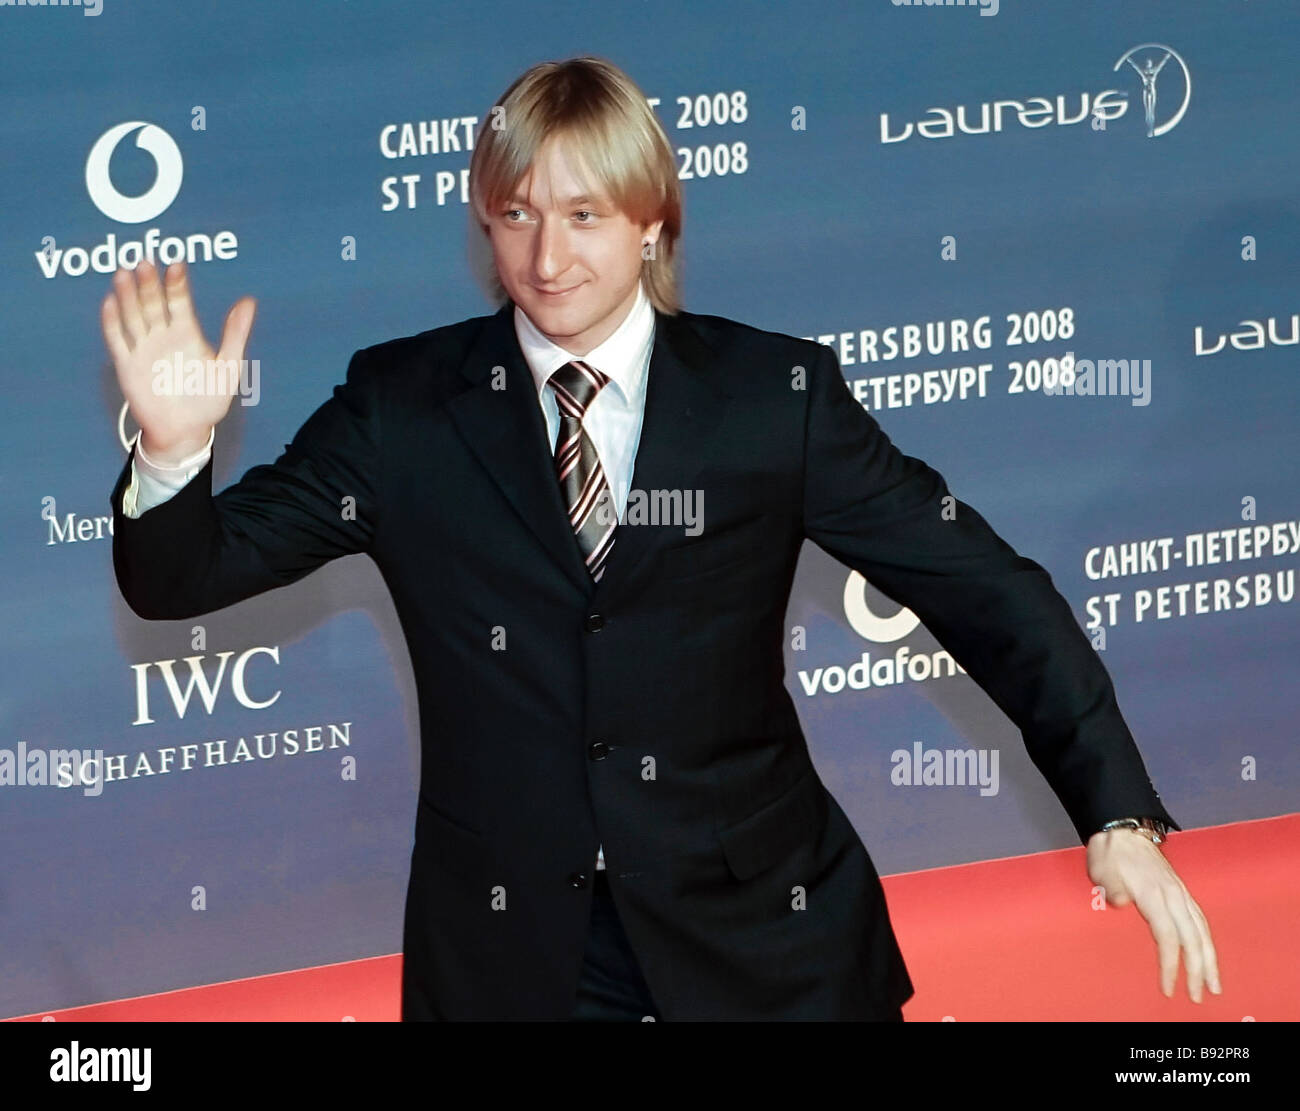 Figure skater Yevgeny Plushenko before the Ninth Laureus World Sports Awards 2008 - Stock Image